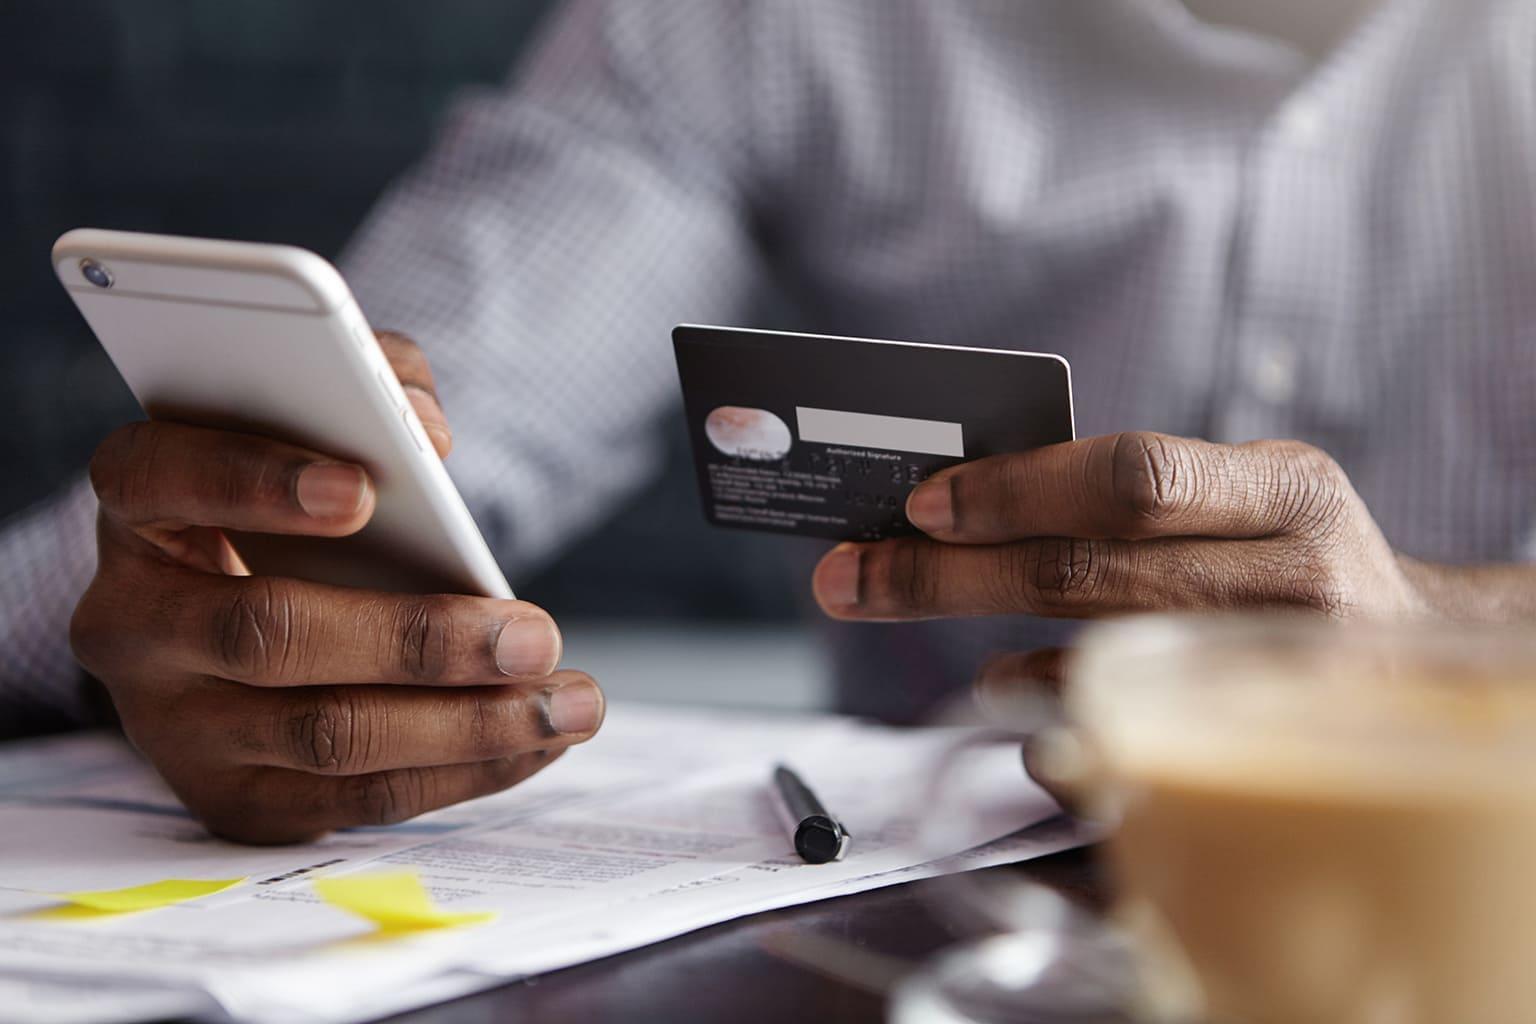 Persoon verricht online betaling met bankpas via smartphone